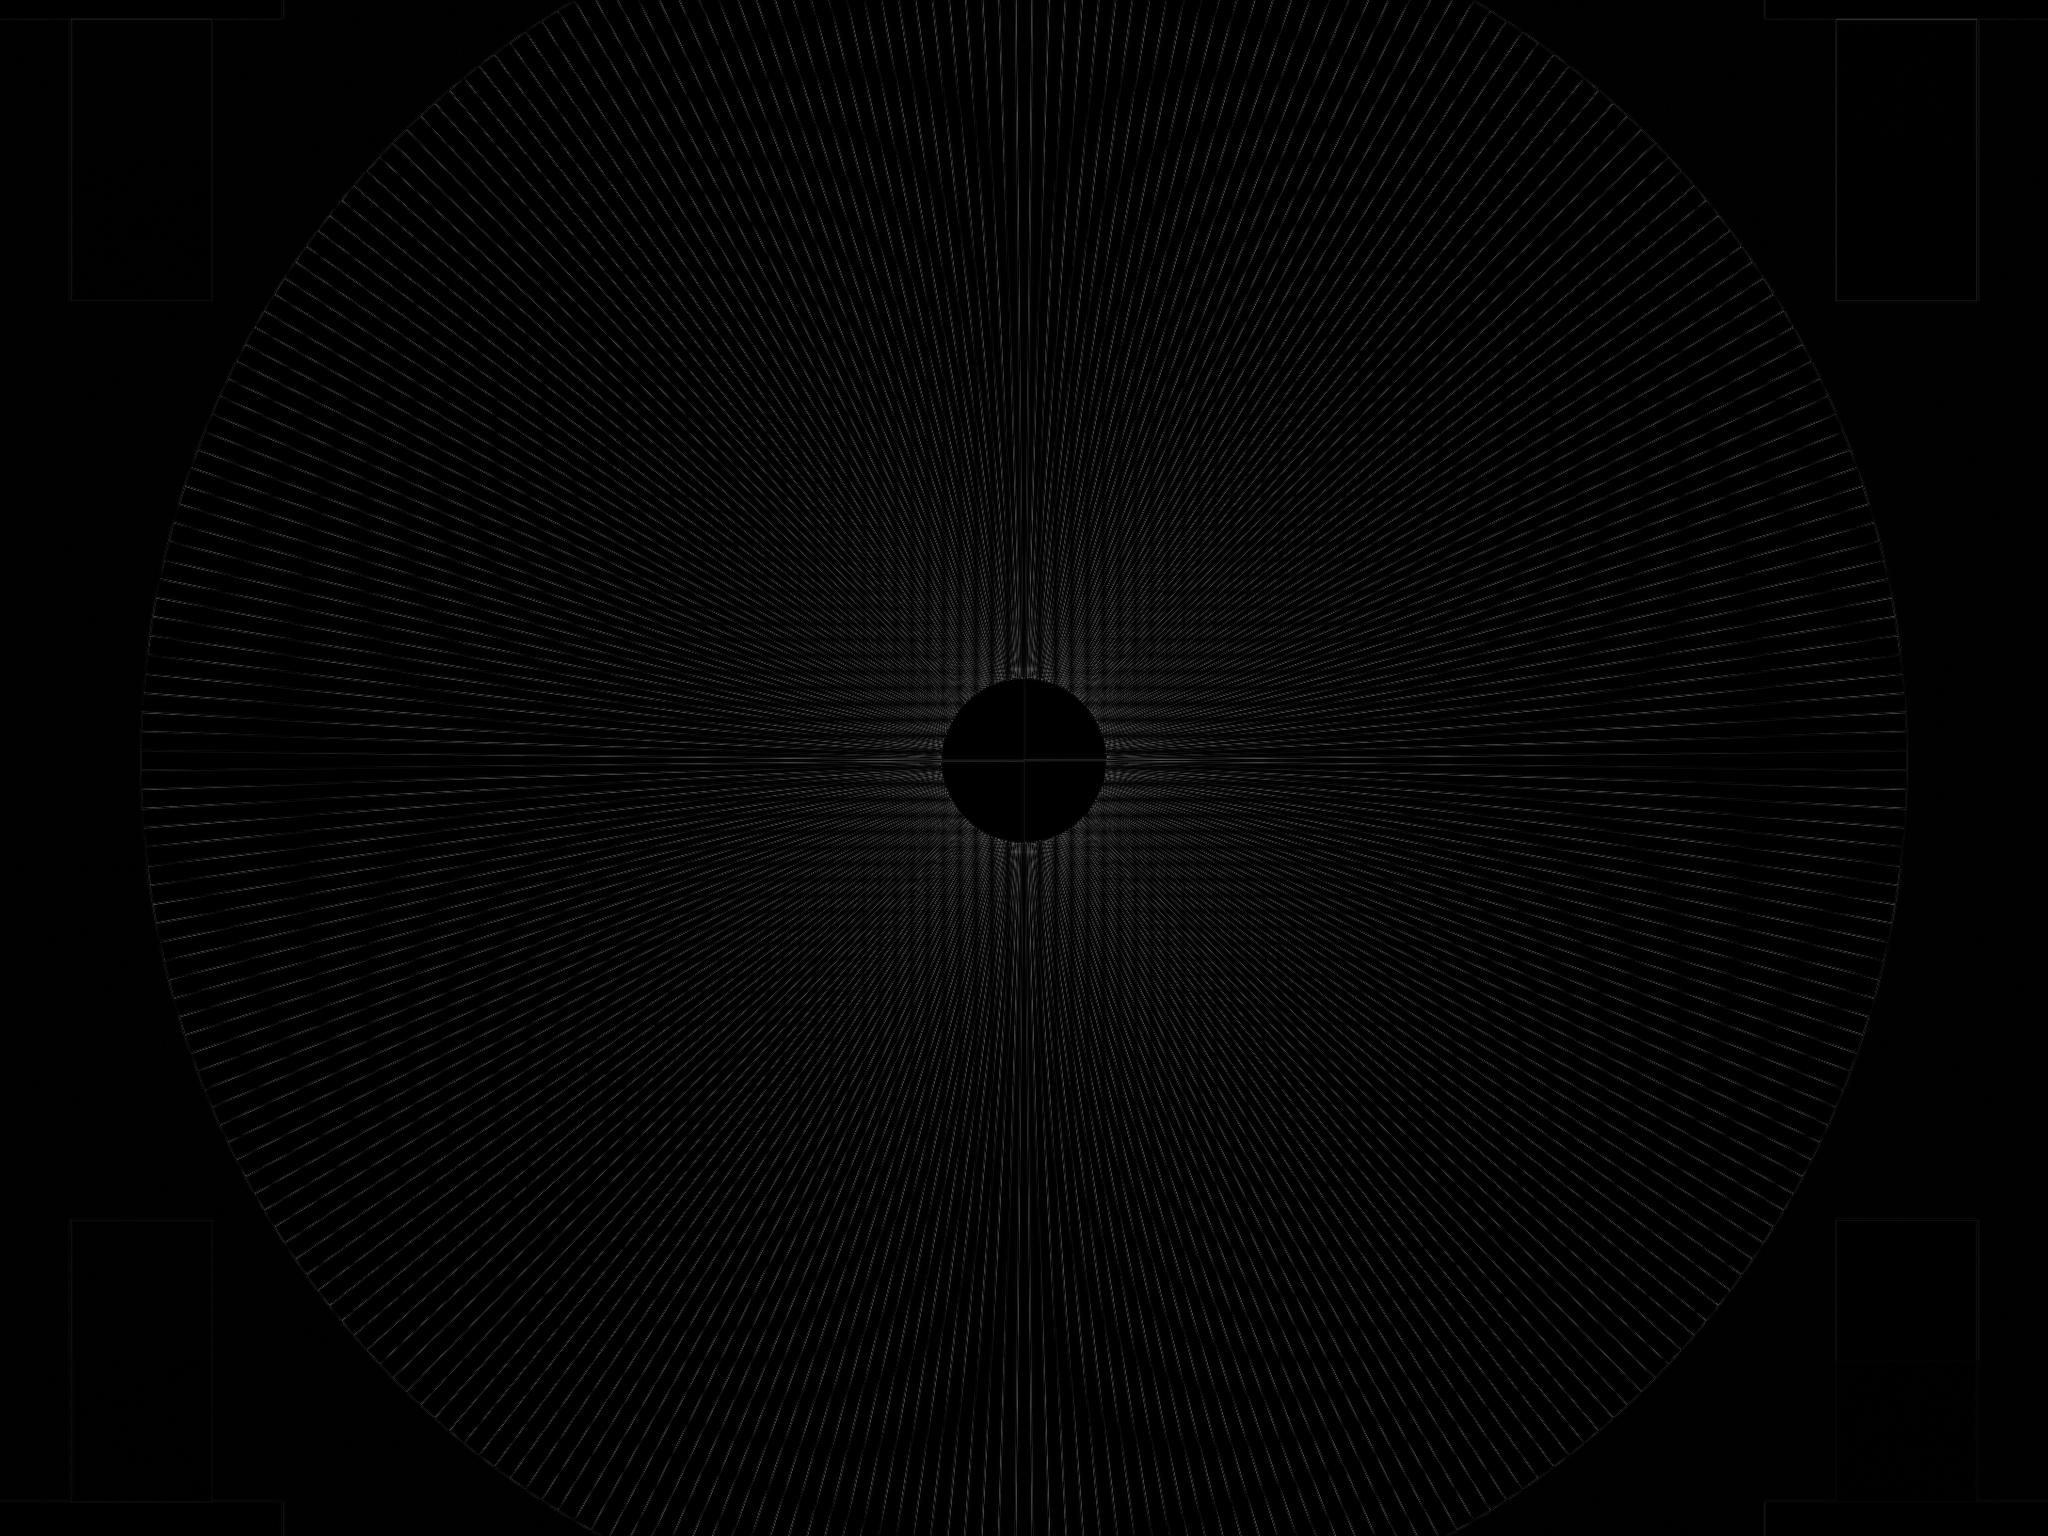 2048 Pixels Wide And 1152 Pixels Tall Wallpaper H264 1920 vs 2048 2048x1536